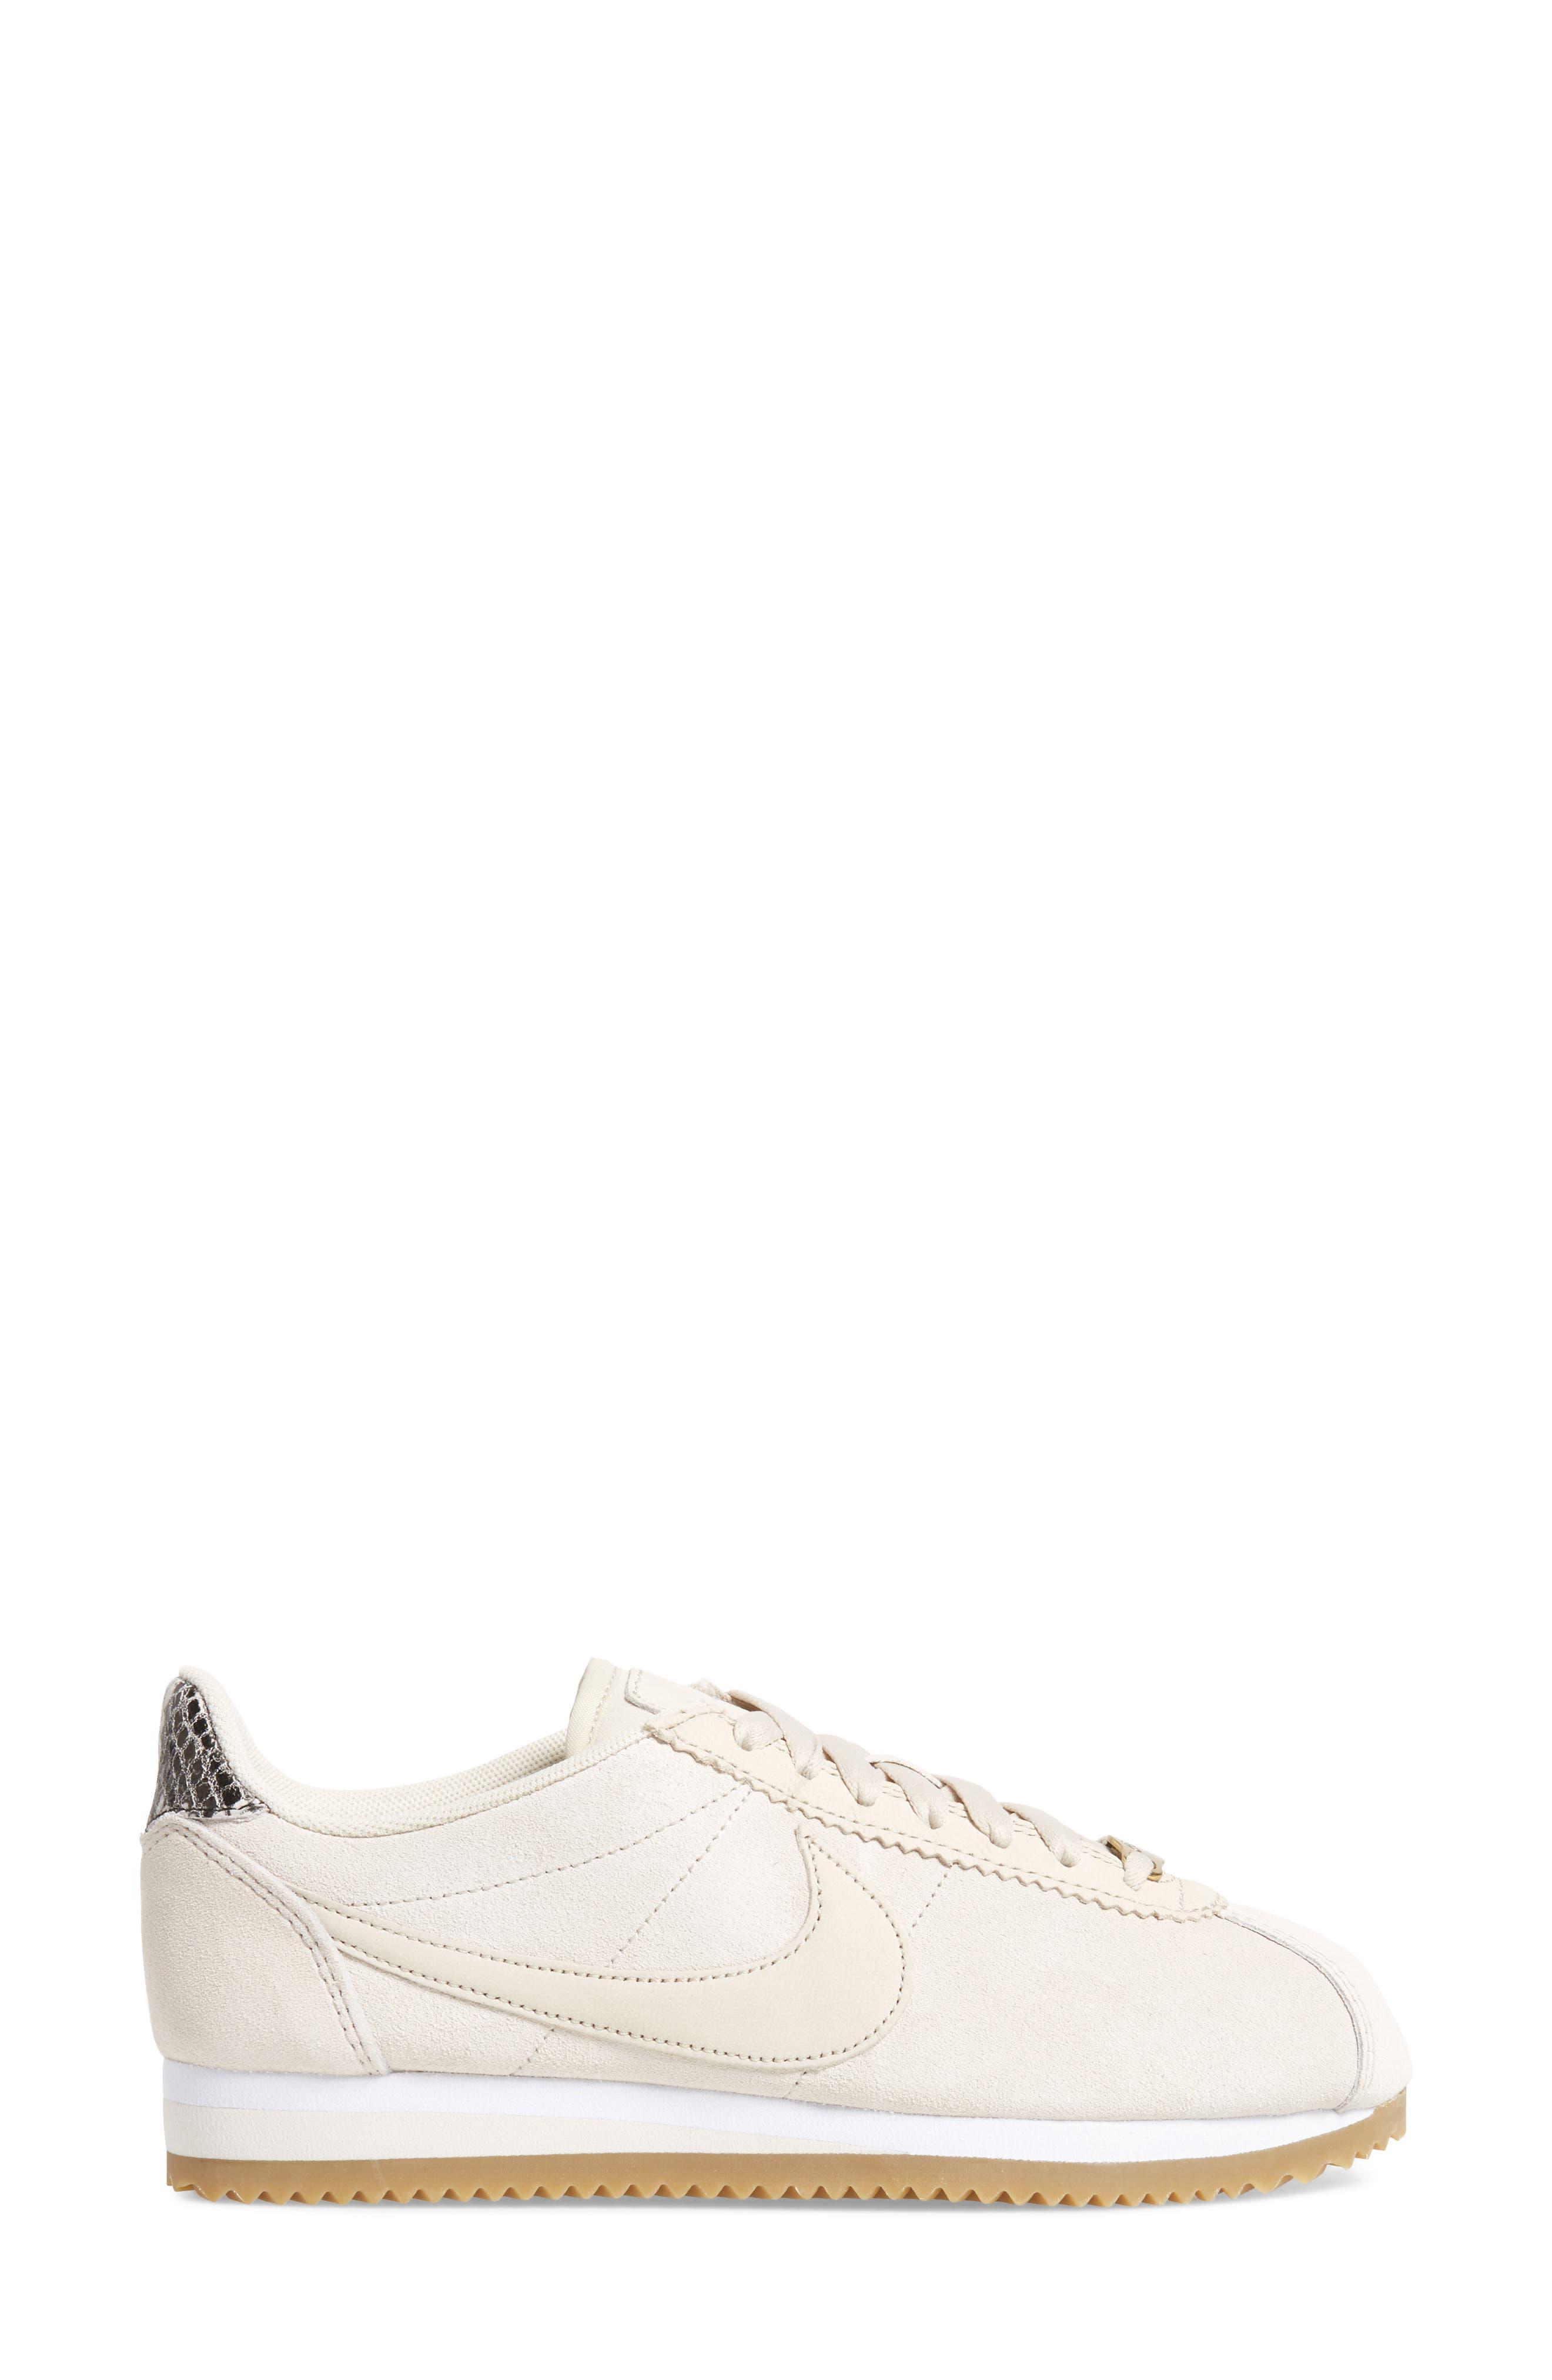 x A.L.C. Classic Cortez Sneaker,                             Alternate thumbnail 13, color,